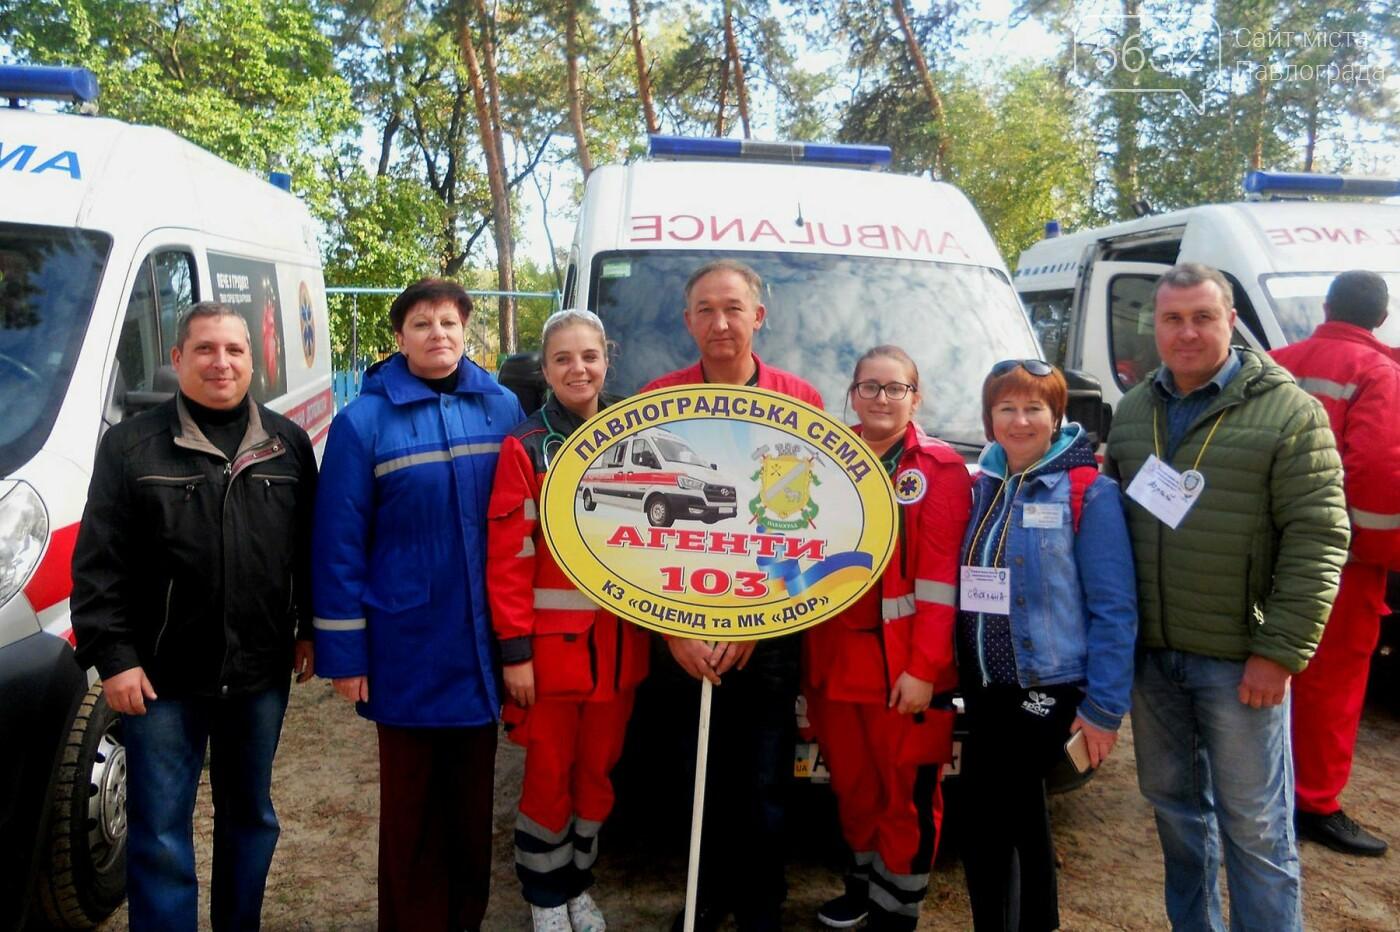 Розпочалися міжнародні змагання з екстреної медичної допомоги: павлоградці налаштовані на перемогу, фото-2